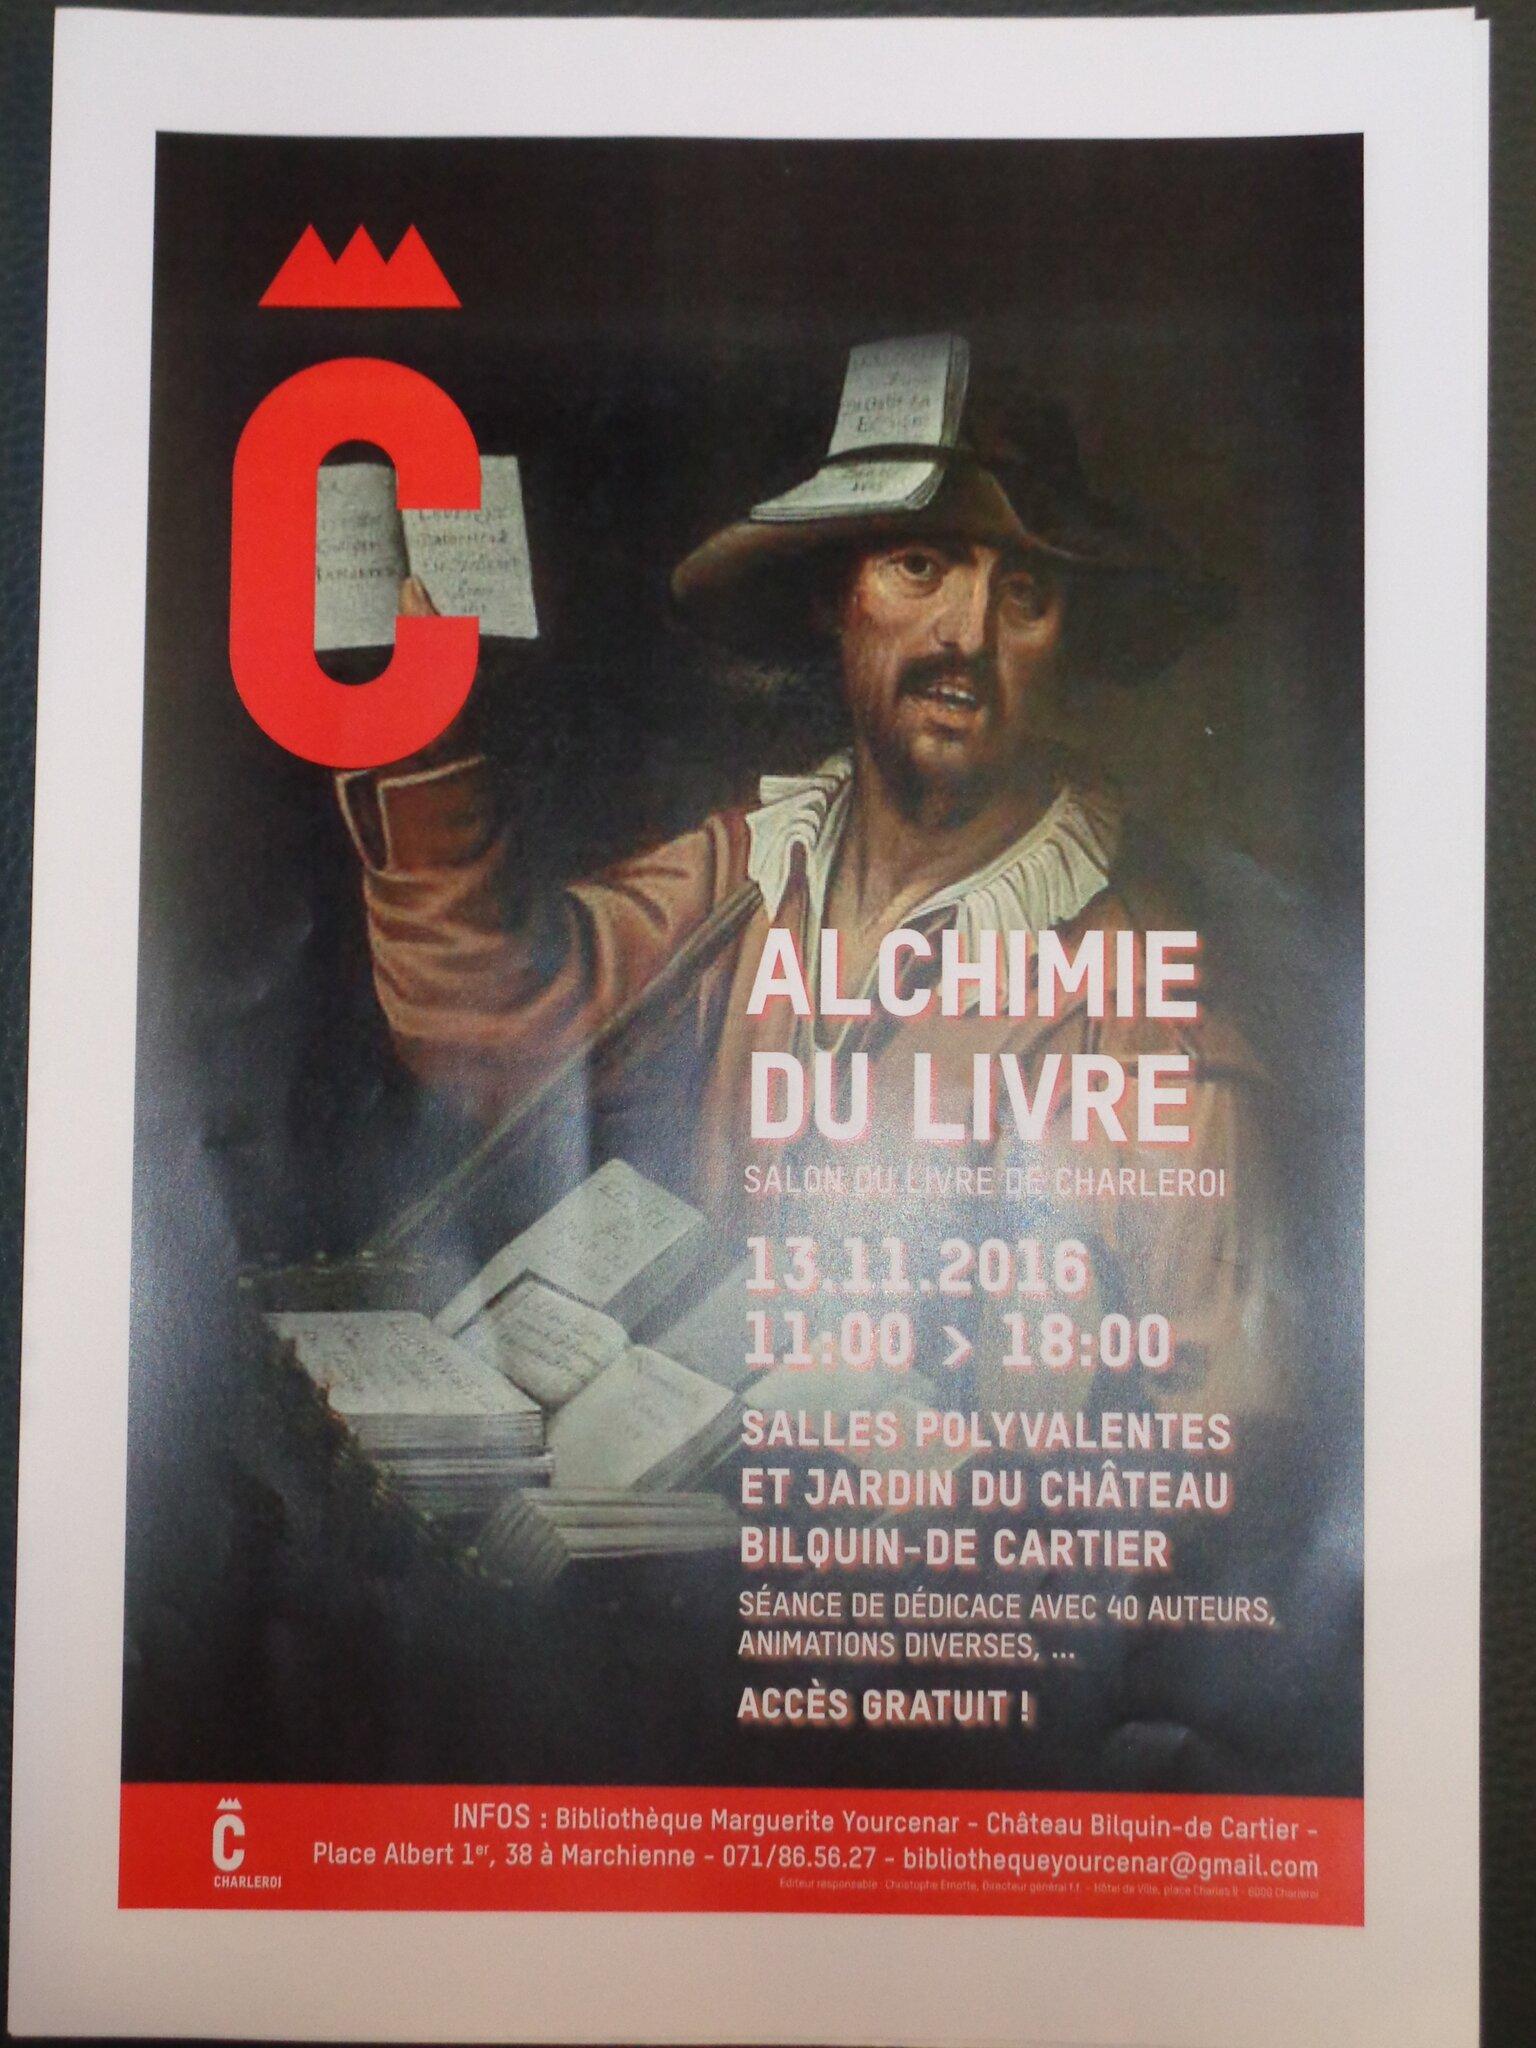 Séance de dédicace au Salon du livre de Charleroi le dimanche 13 novembre 2016